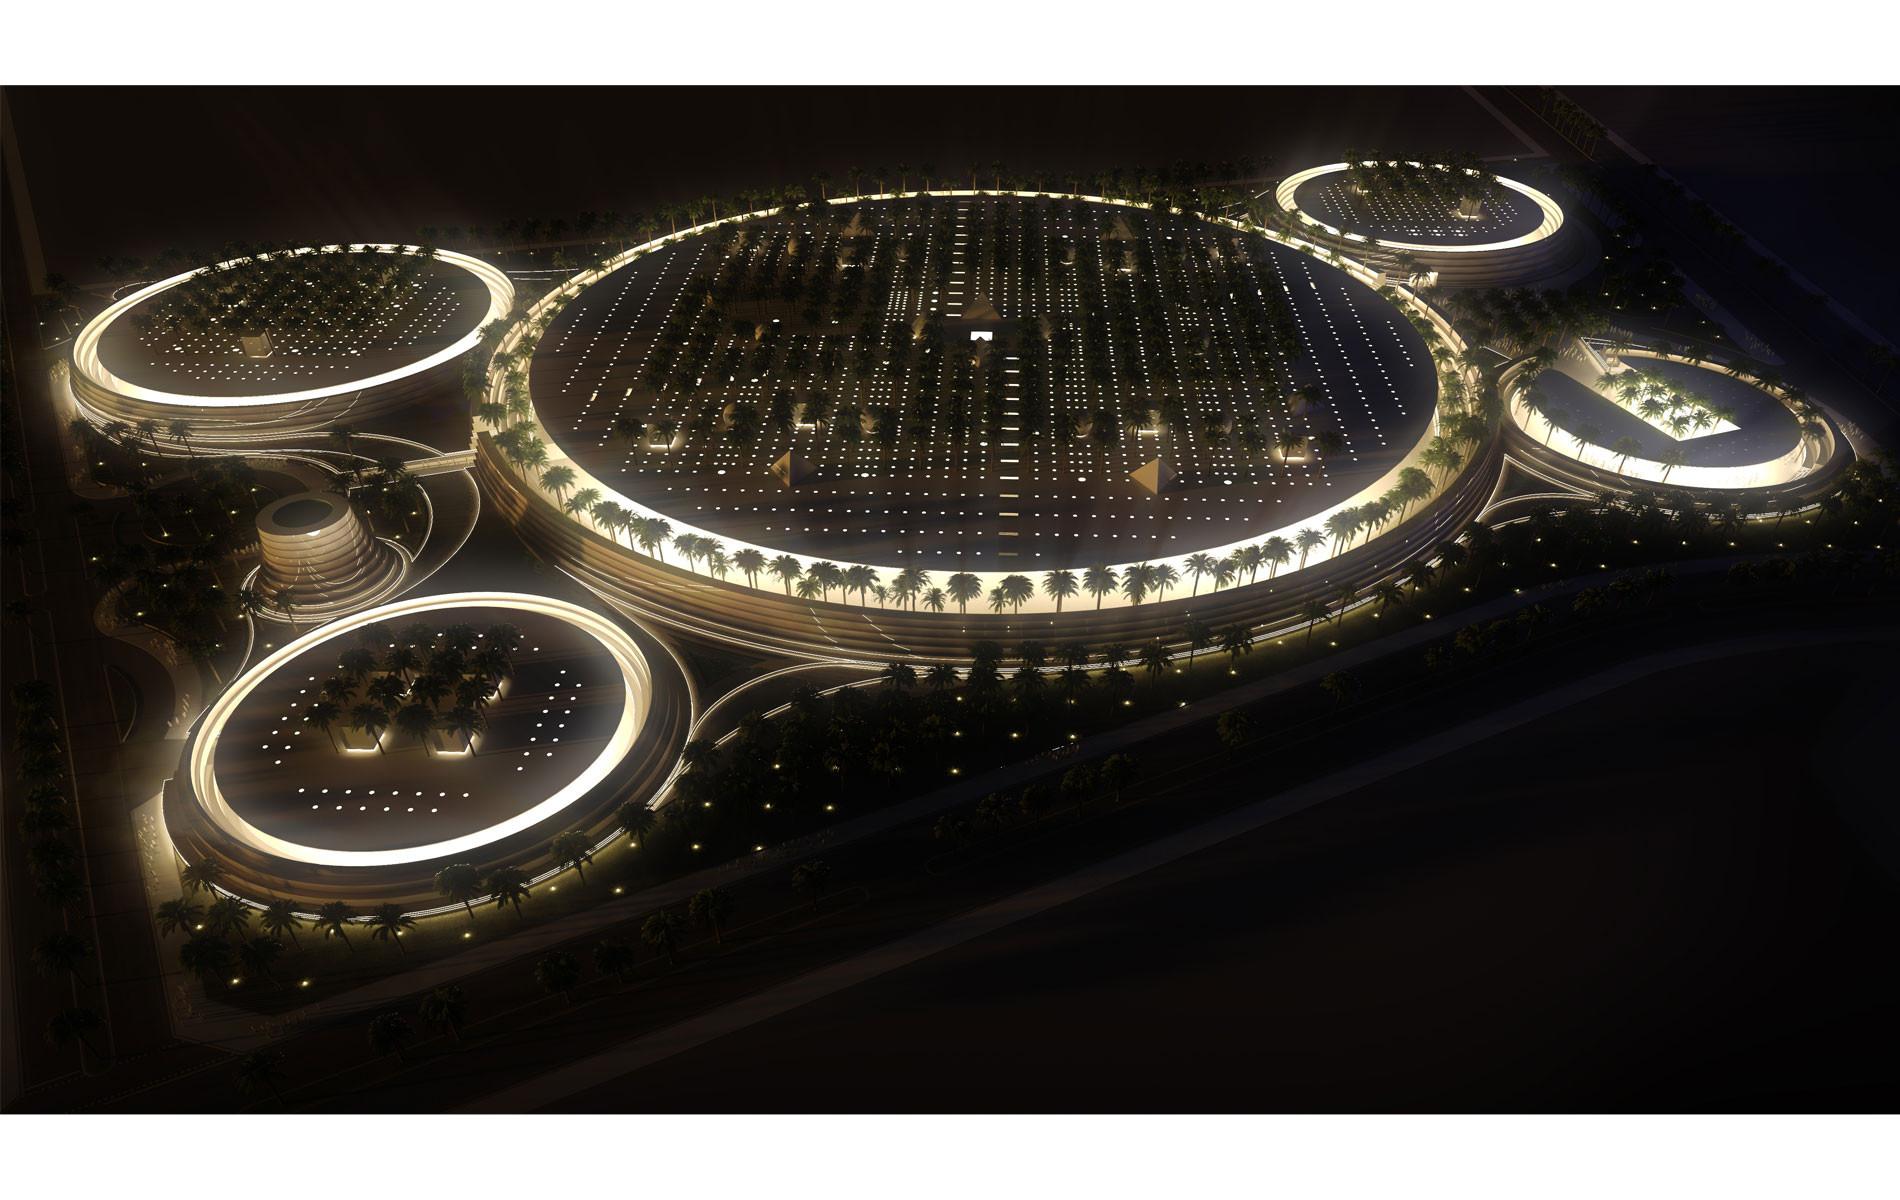 Noble Qur'an Oasis en Medina, Arabia Saudita. Imagen cortesía de Ricardo Bofill Taller de Arquitectura